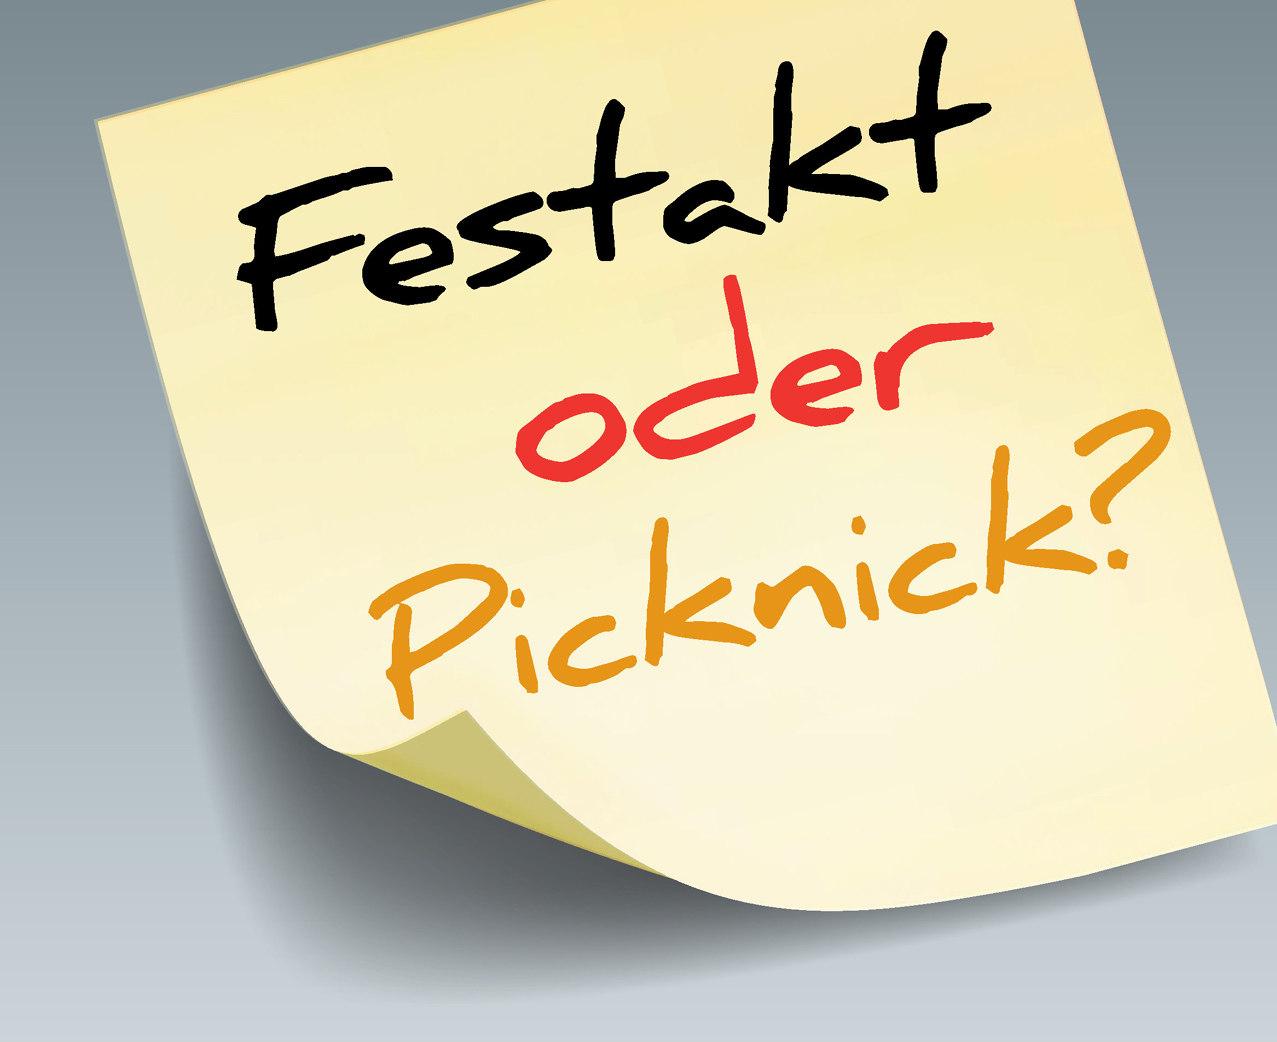 Ausstellungsplakat Festakt oder Picknick? Deutsche Gedenktage